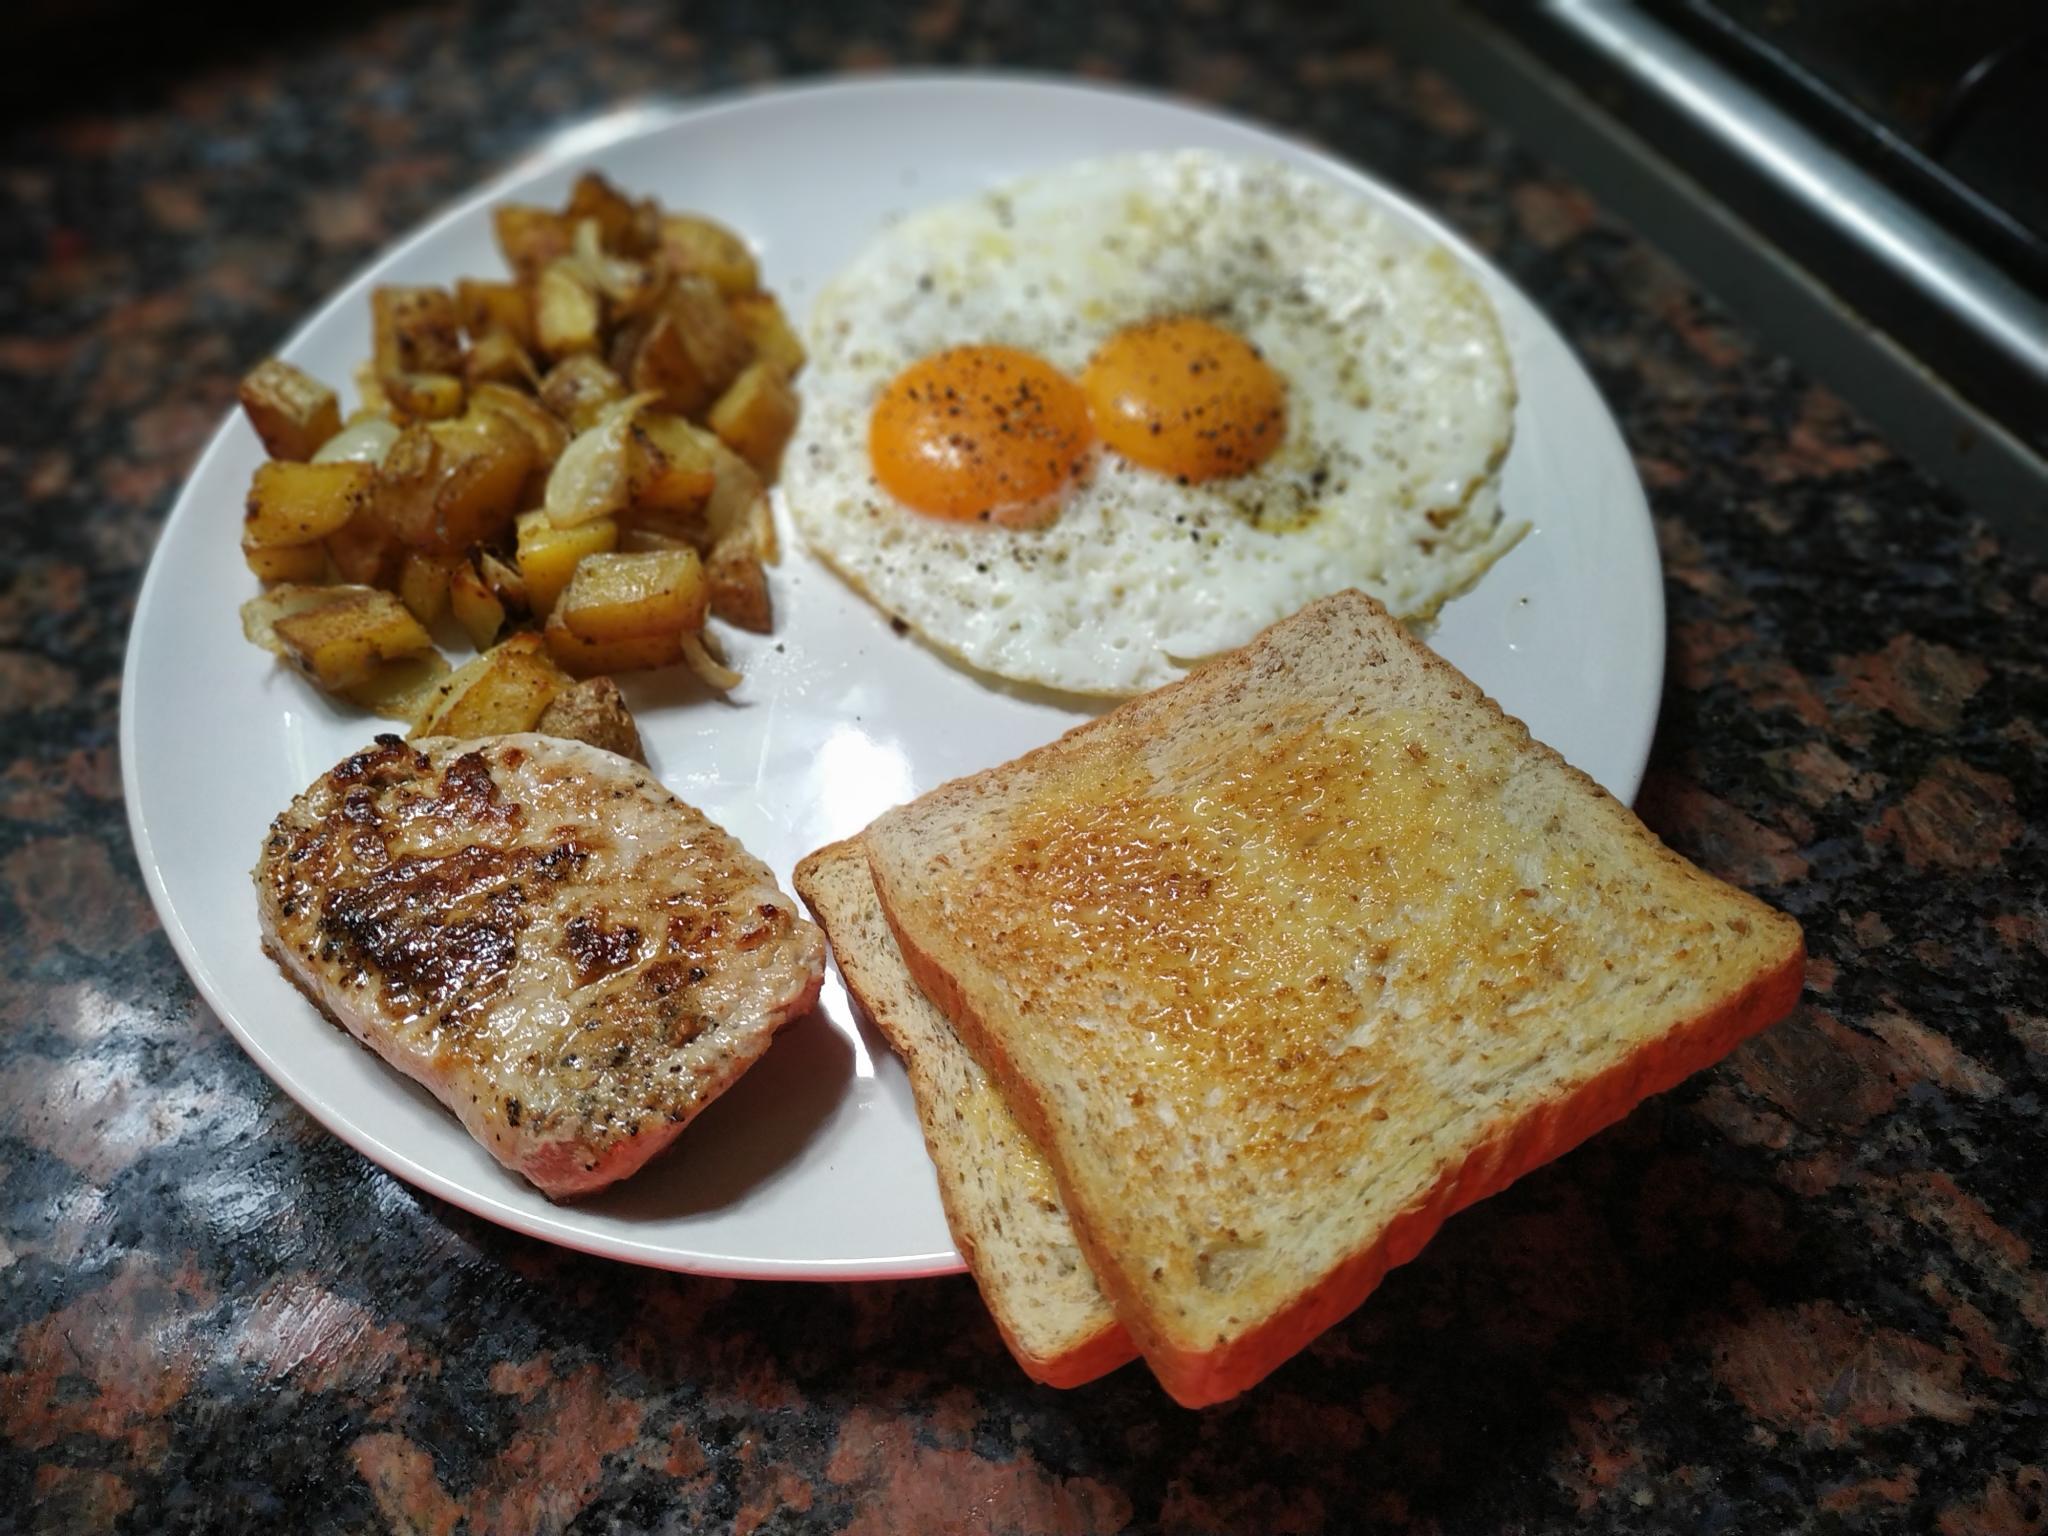 Breakfast-img_20191020_094640-jpg